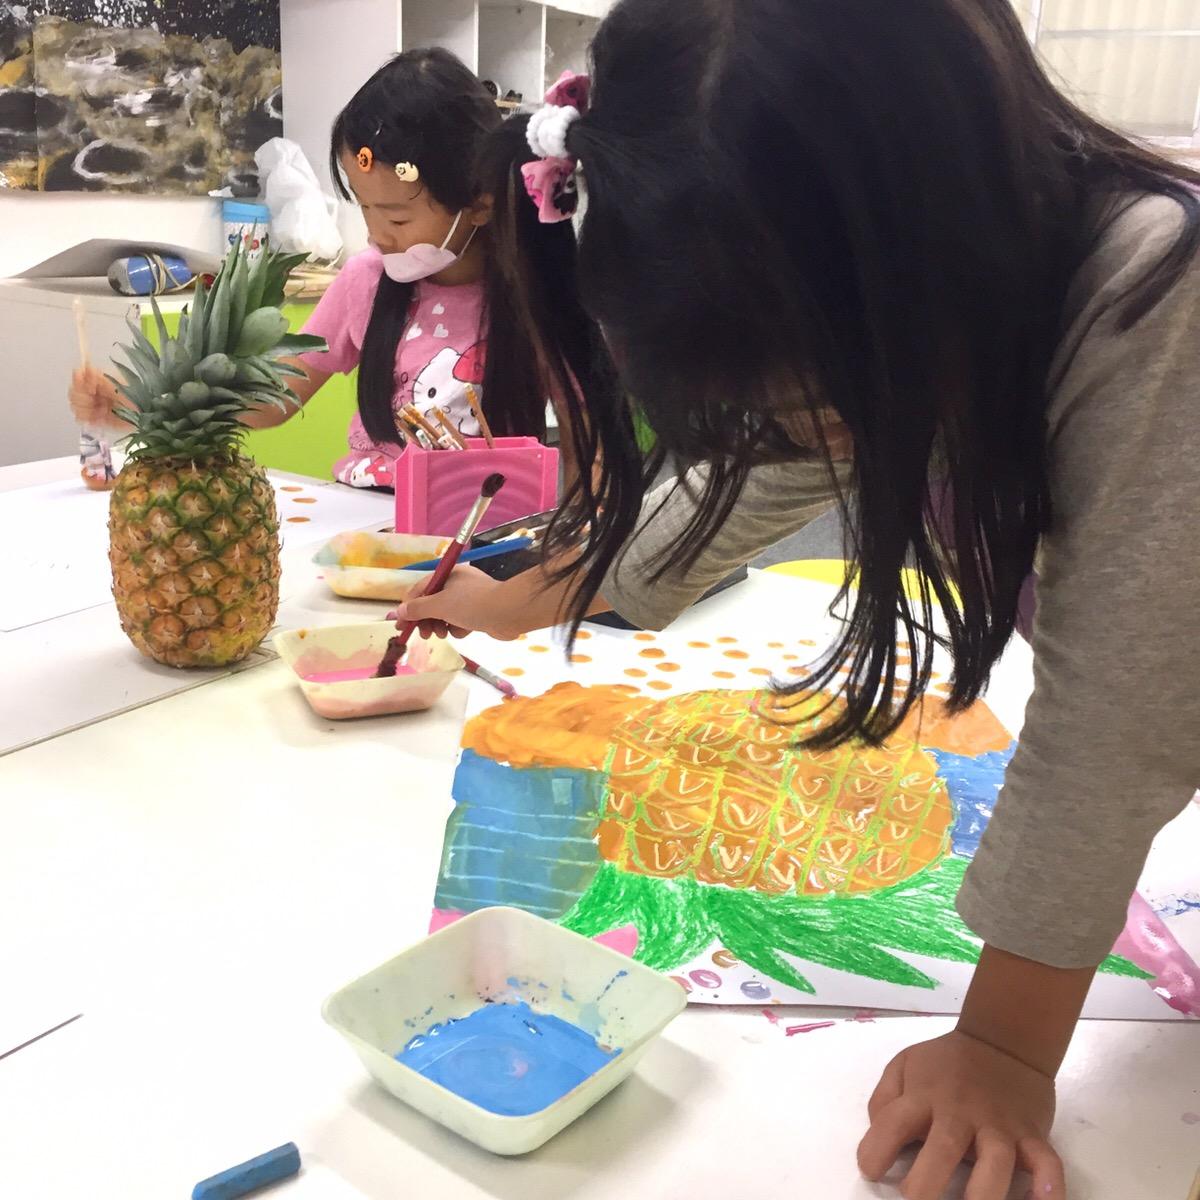 イングリッシュ&アートクラス/デッサンクラス10月教室風景